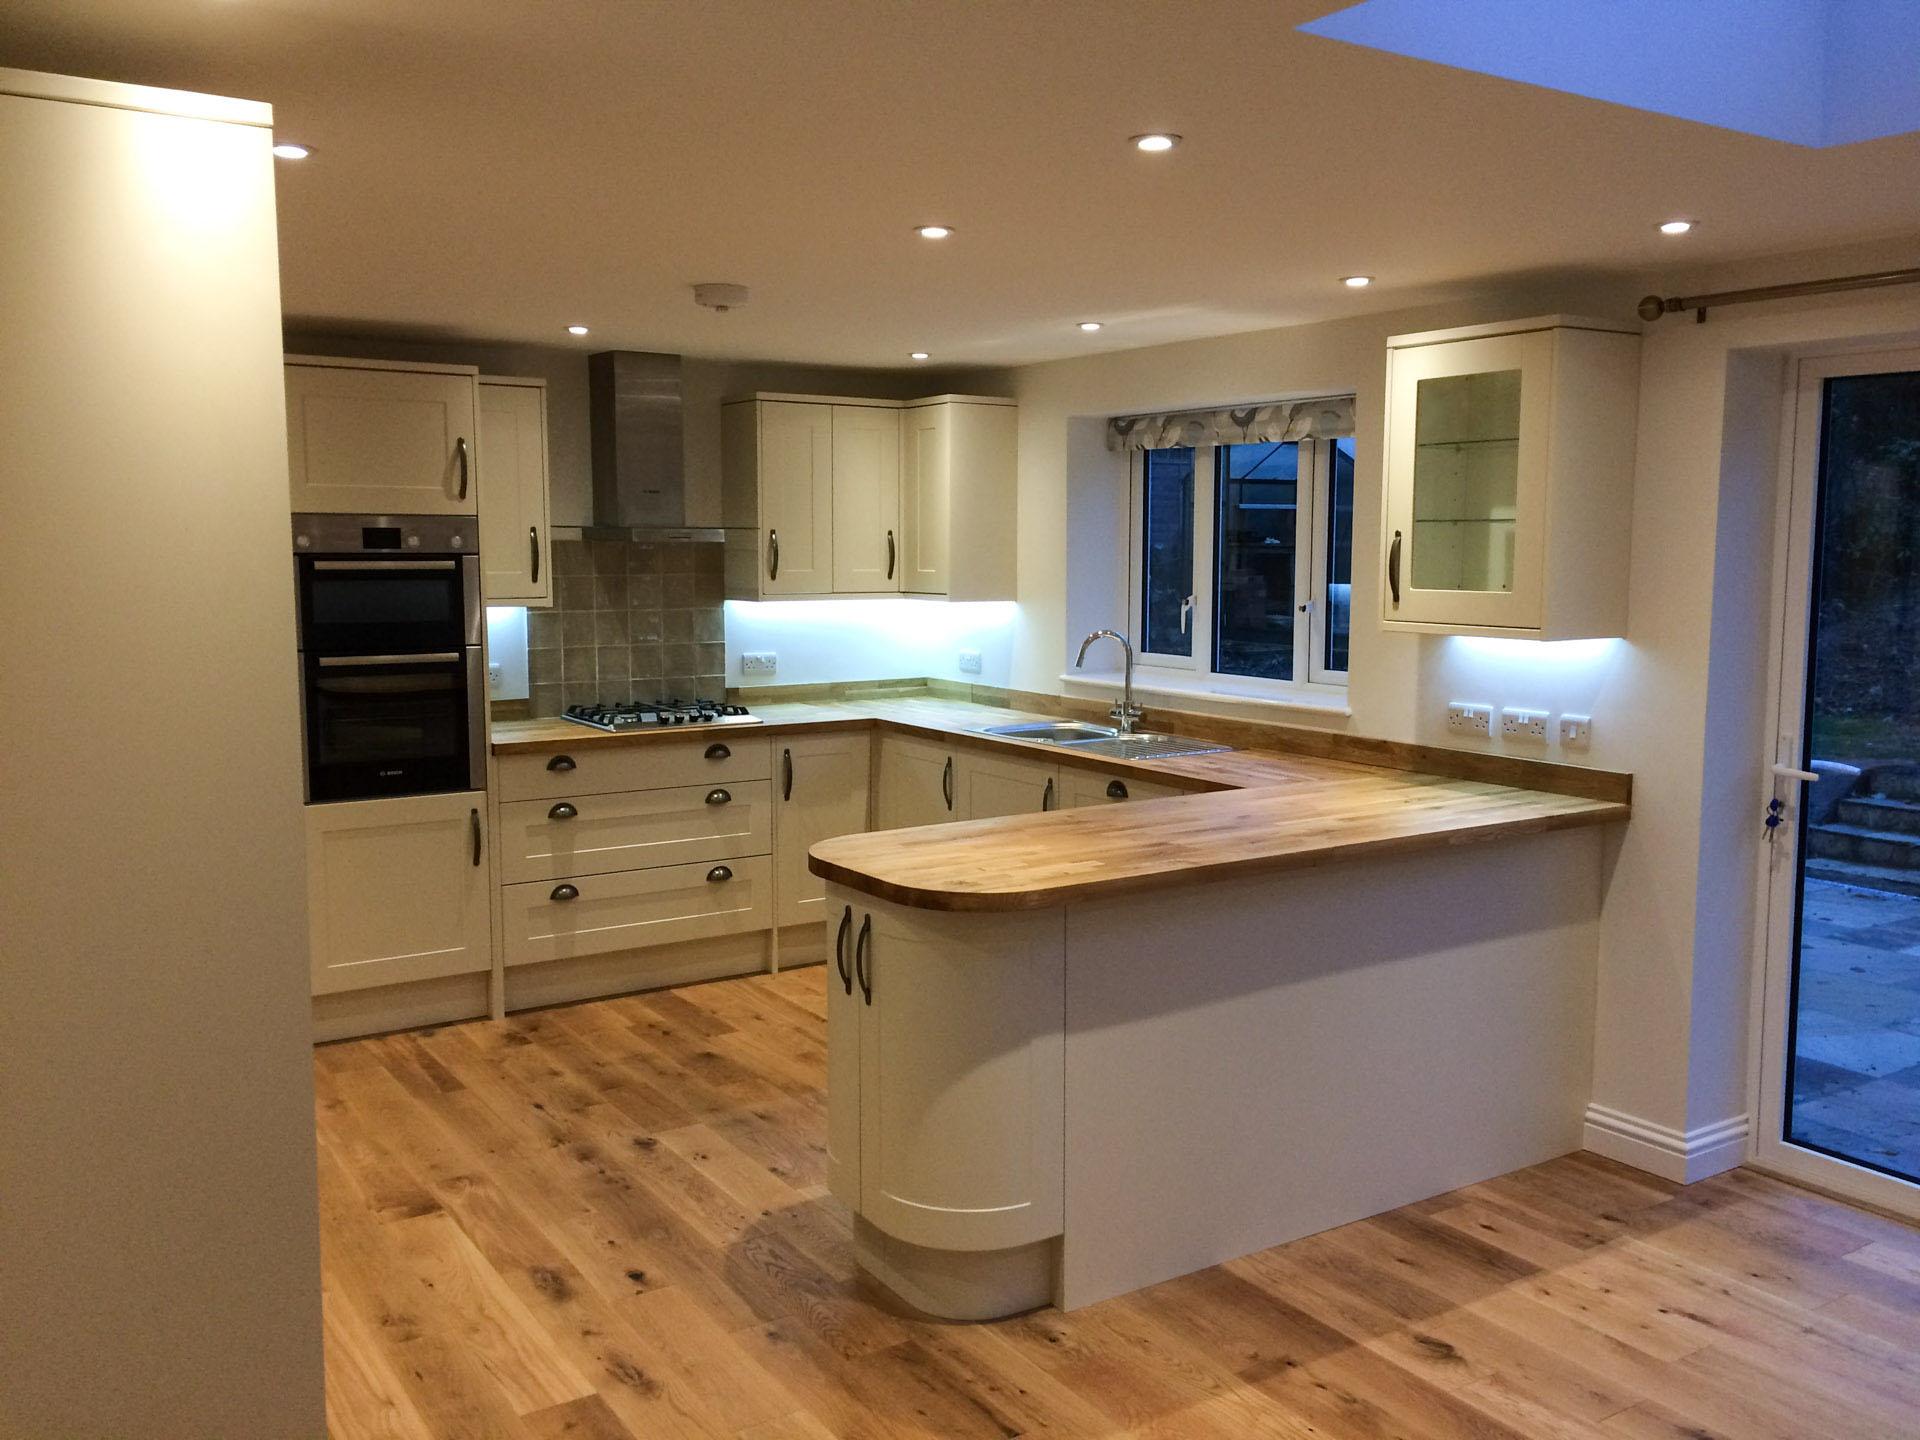 Kitchen refit in West Kent - Joseph PCL